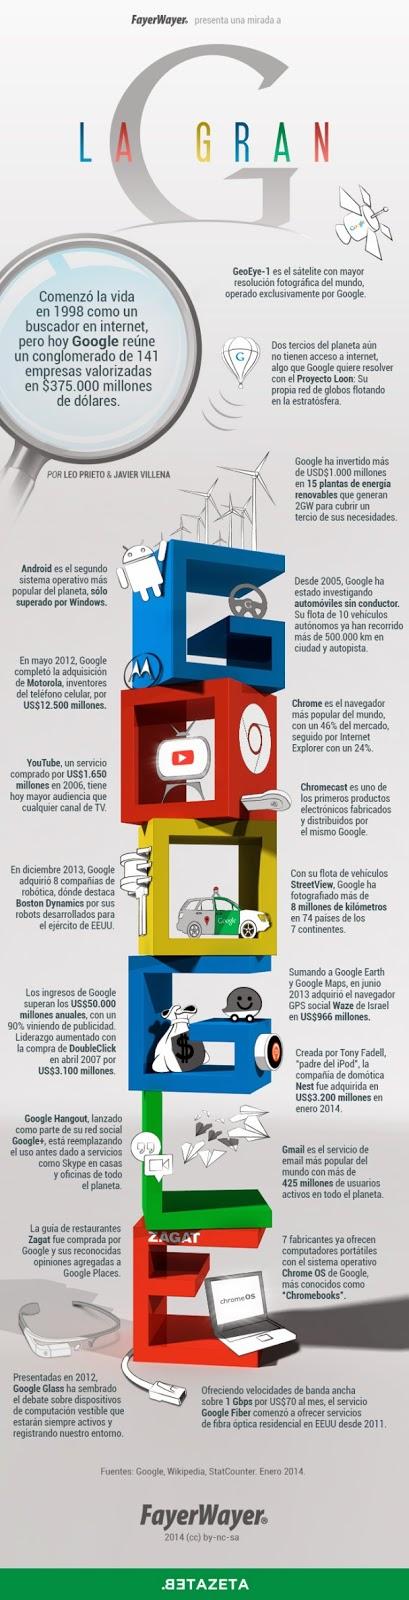 Una Infografía que nos muestra la evolución de Google como empresa.